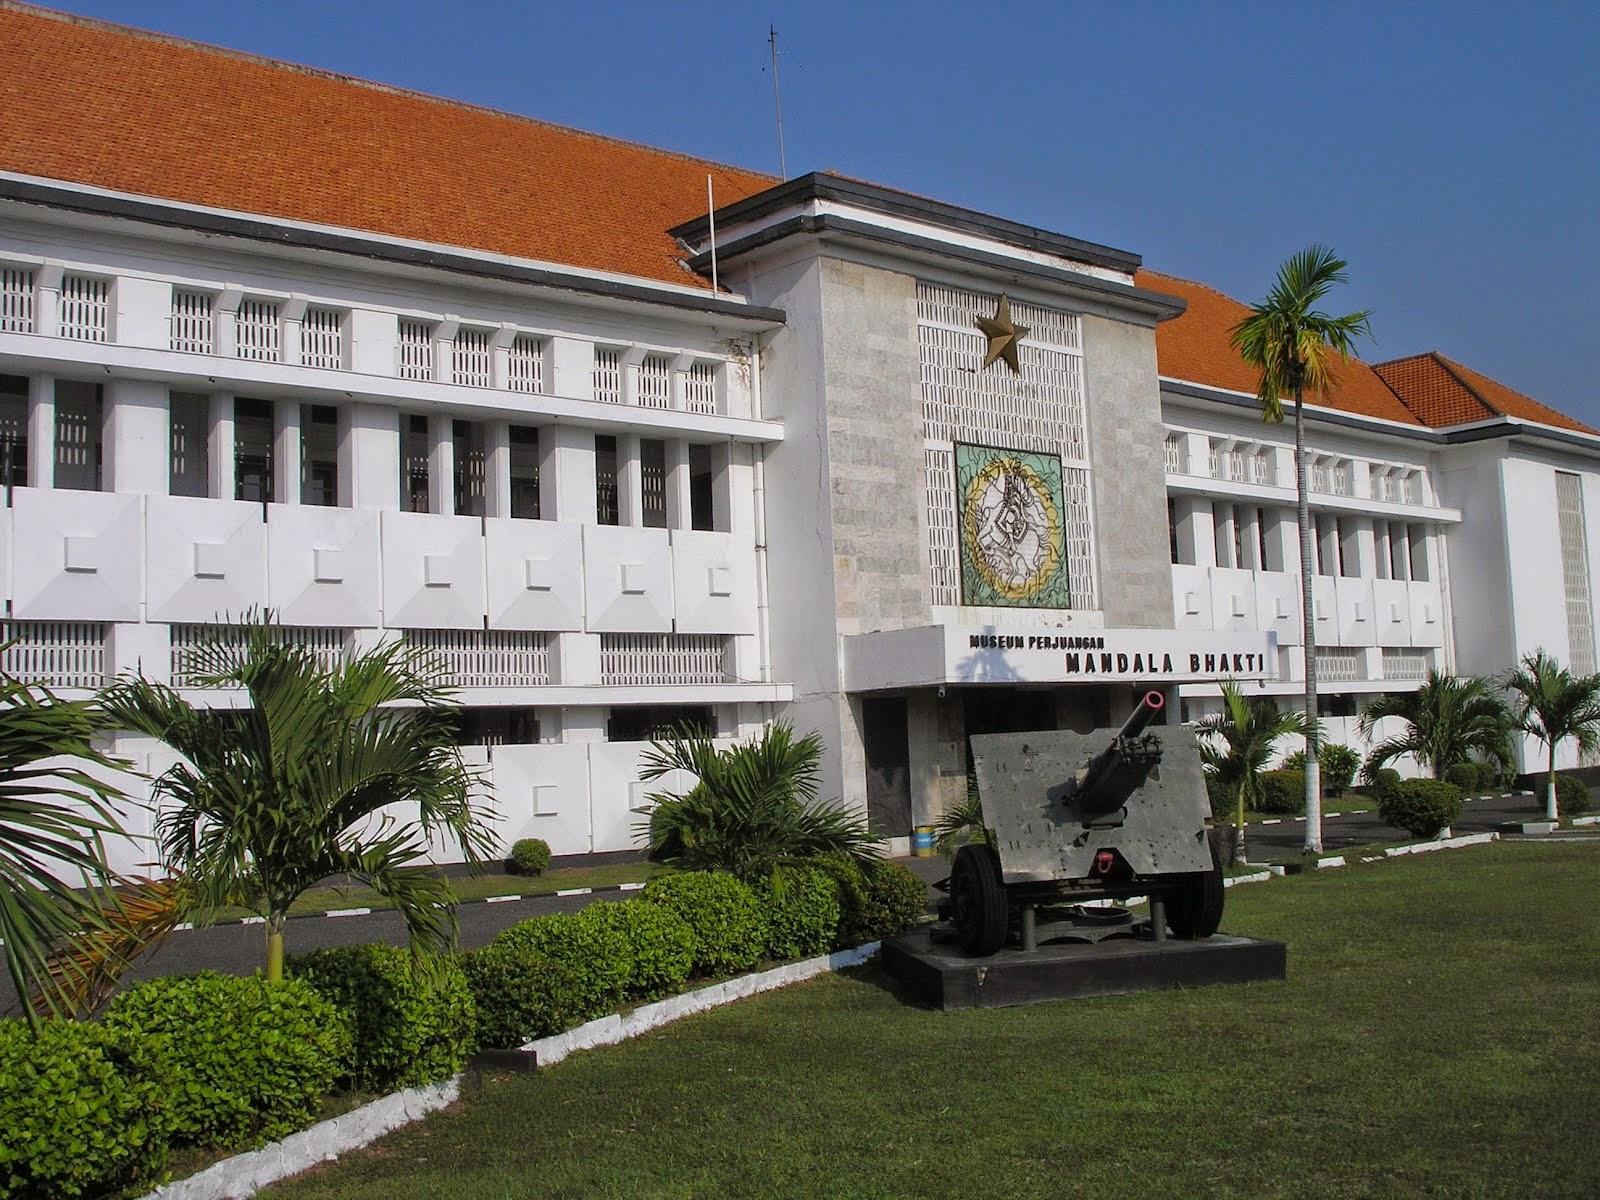 5 Museum Semarang Aja Mandala Bhakti Terdapat Jawa Tengah Perjuangan